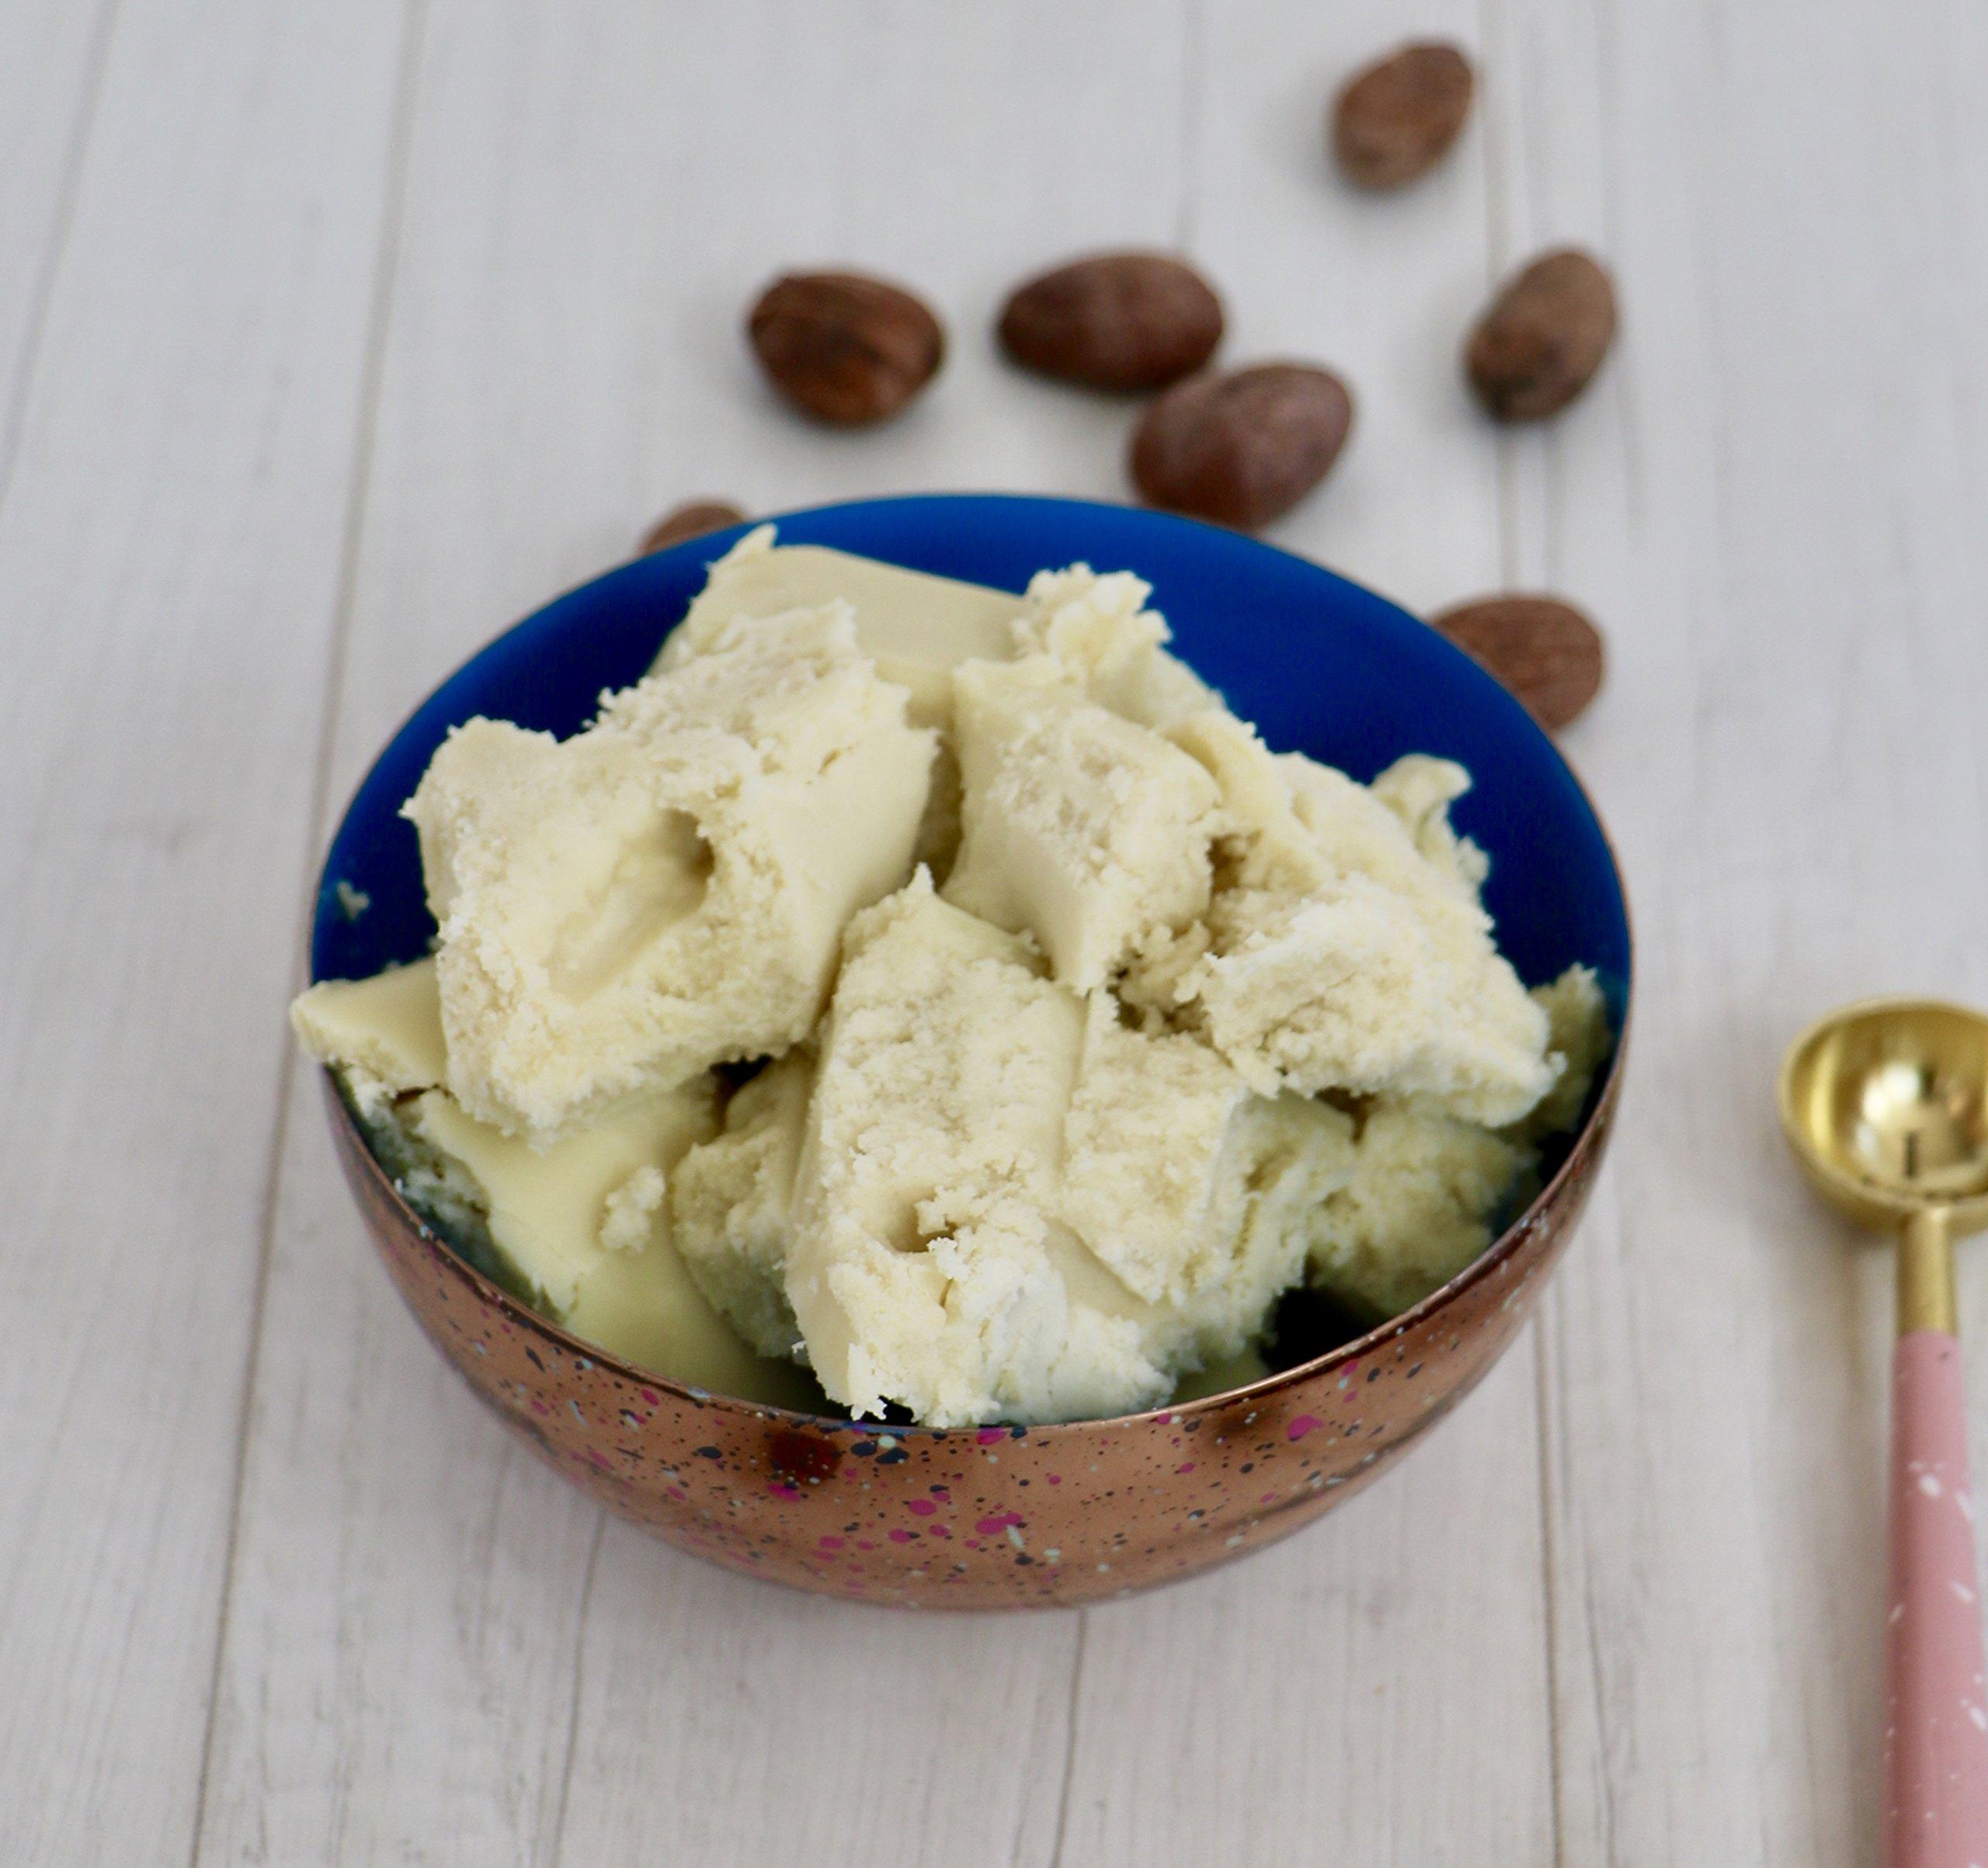 Unrefined Shea Butter by Better Shea Butter - Ivory - 1 lb by Better Shea Butter (Image #5)